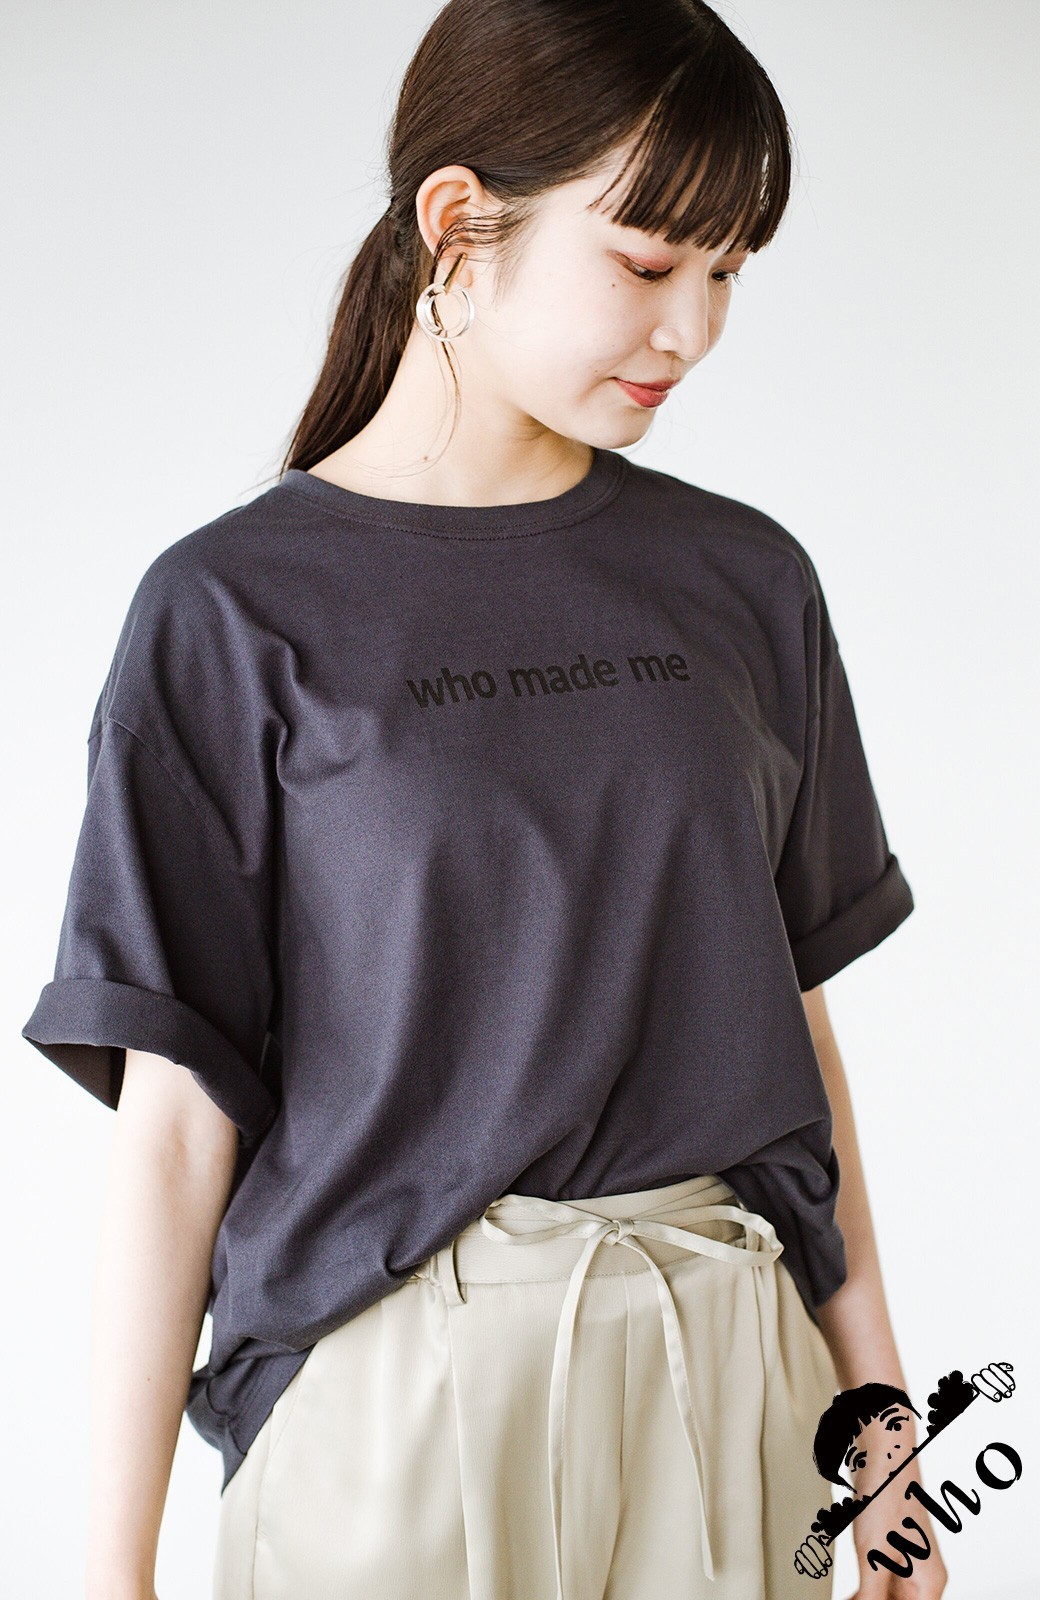 haco! あるかないかで大違い!大人の抜け感を醸し出すさりげなロゴTシャツ by who made me + PBP <チャコールグレー>の商品写真1